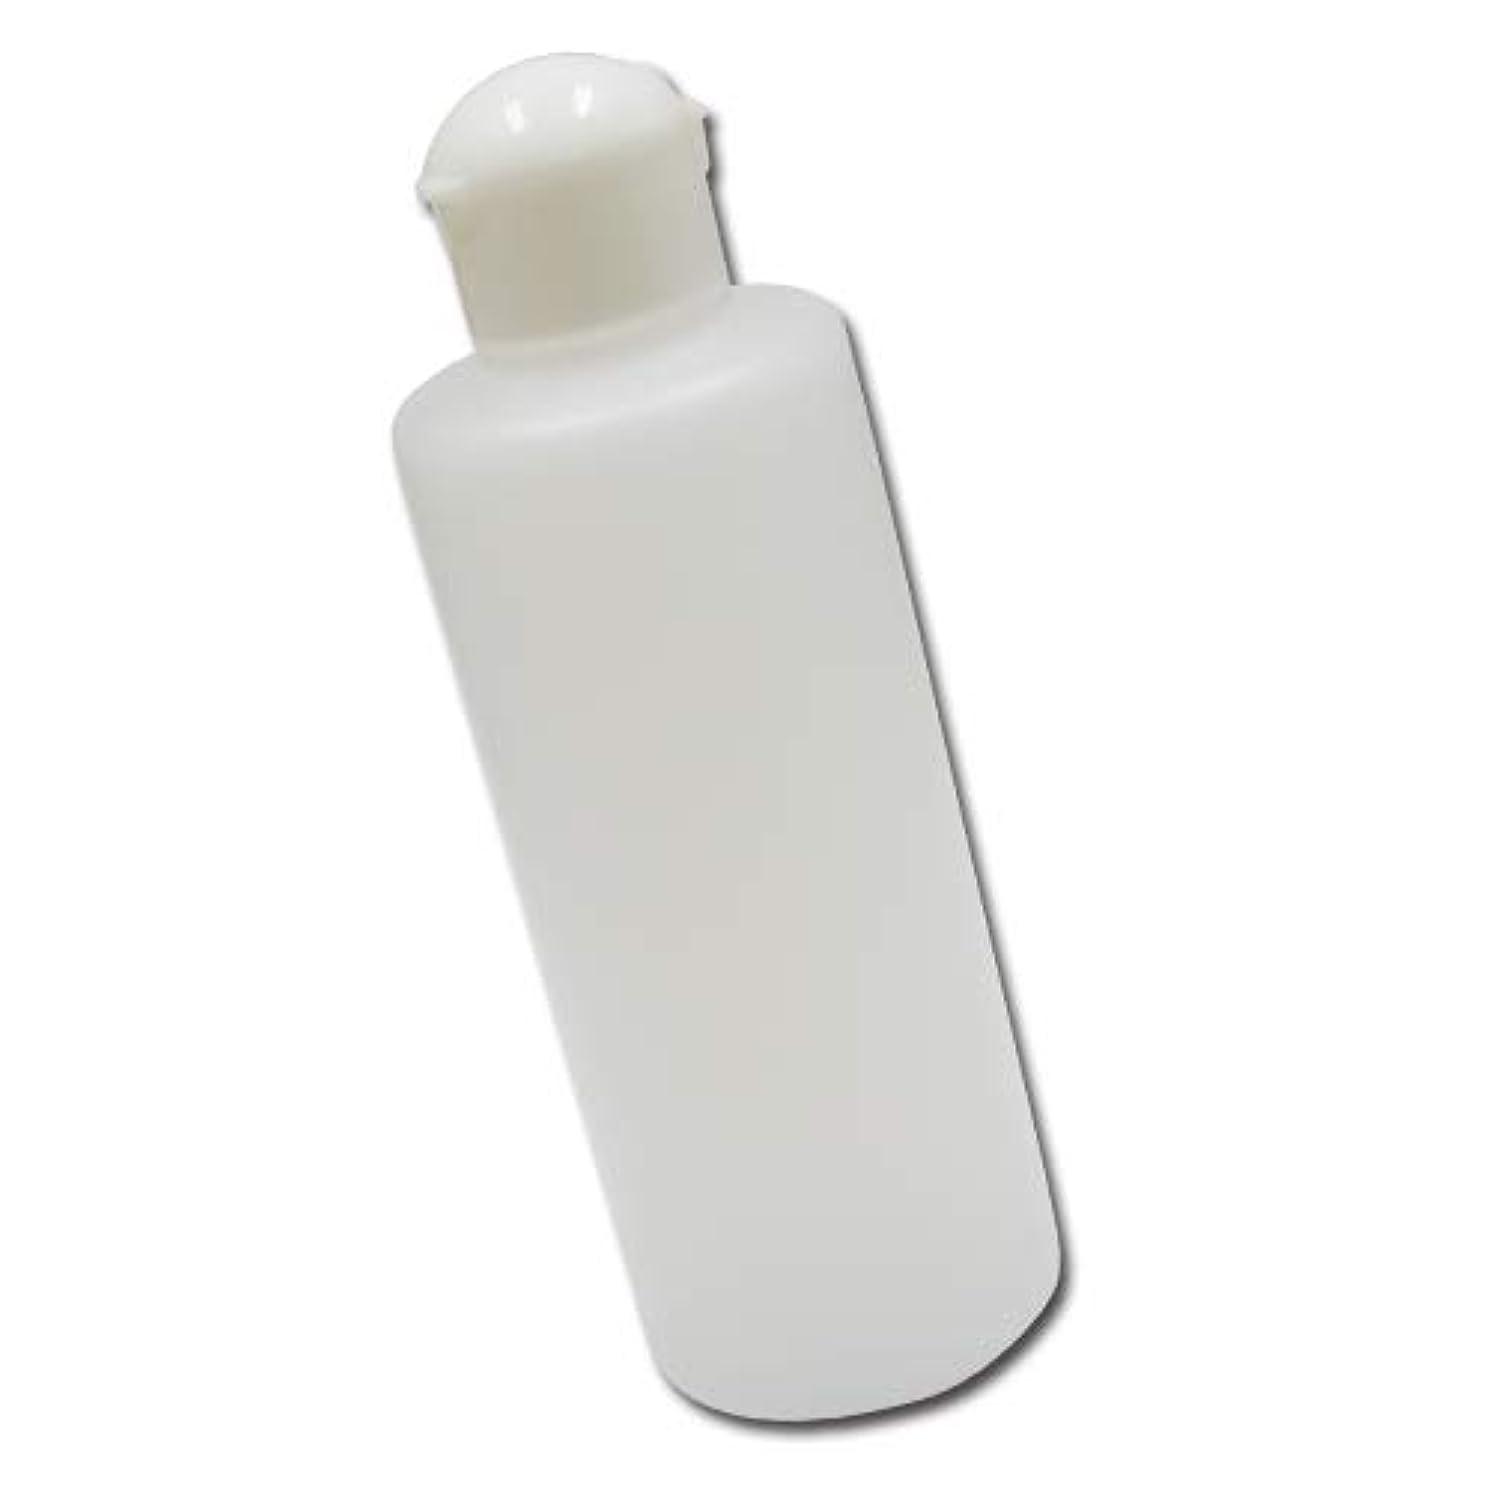 遷移警告エイリアン詰め替え容器ワンタッチキャップ200ml (半透明)│業務用ローションやうがい薬、液体石鹸、調味料、化粧品などの小分けに便利なボトル